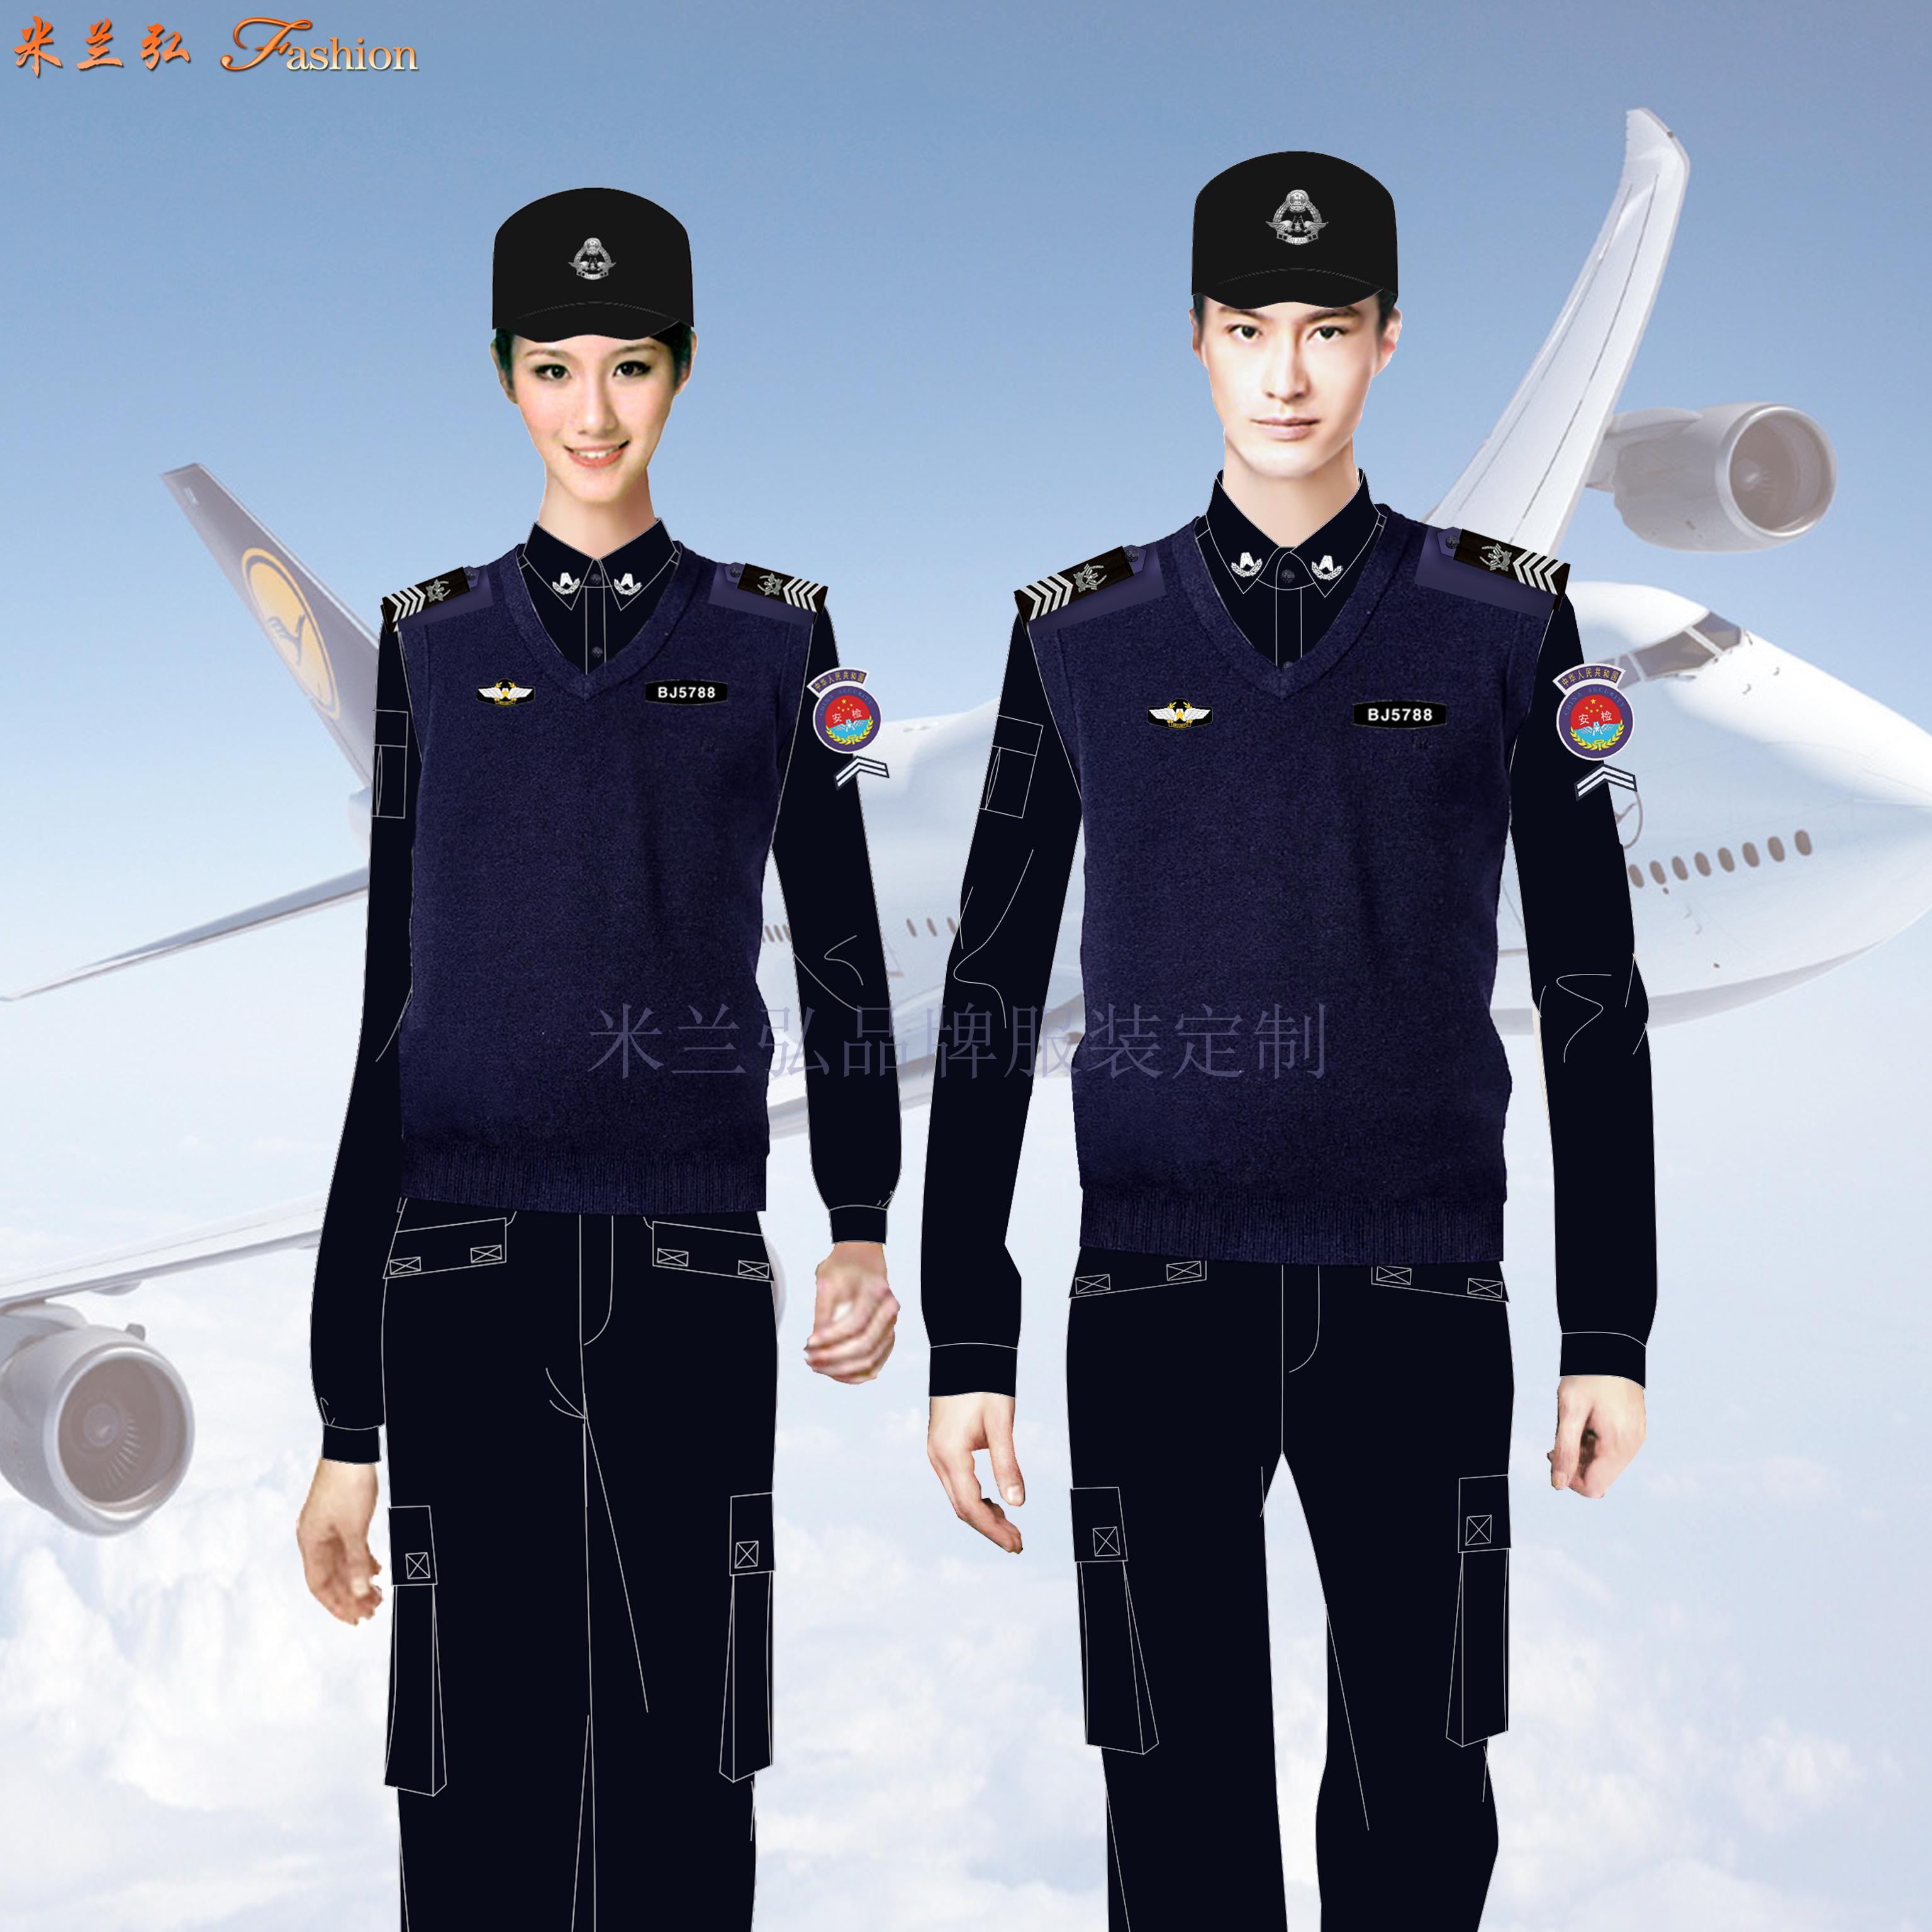 「北京安檢服訂做」「地鐵安檢服定作」「城軌安檢服定制」👍-5